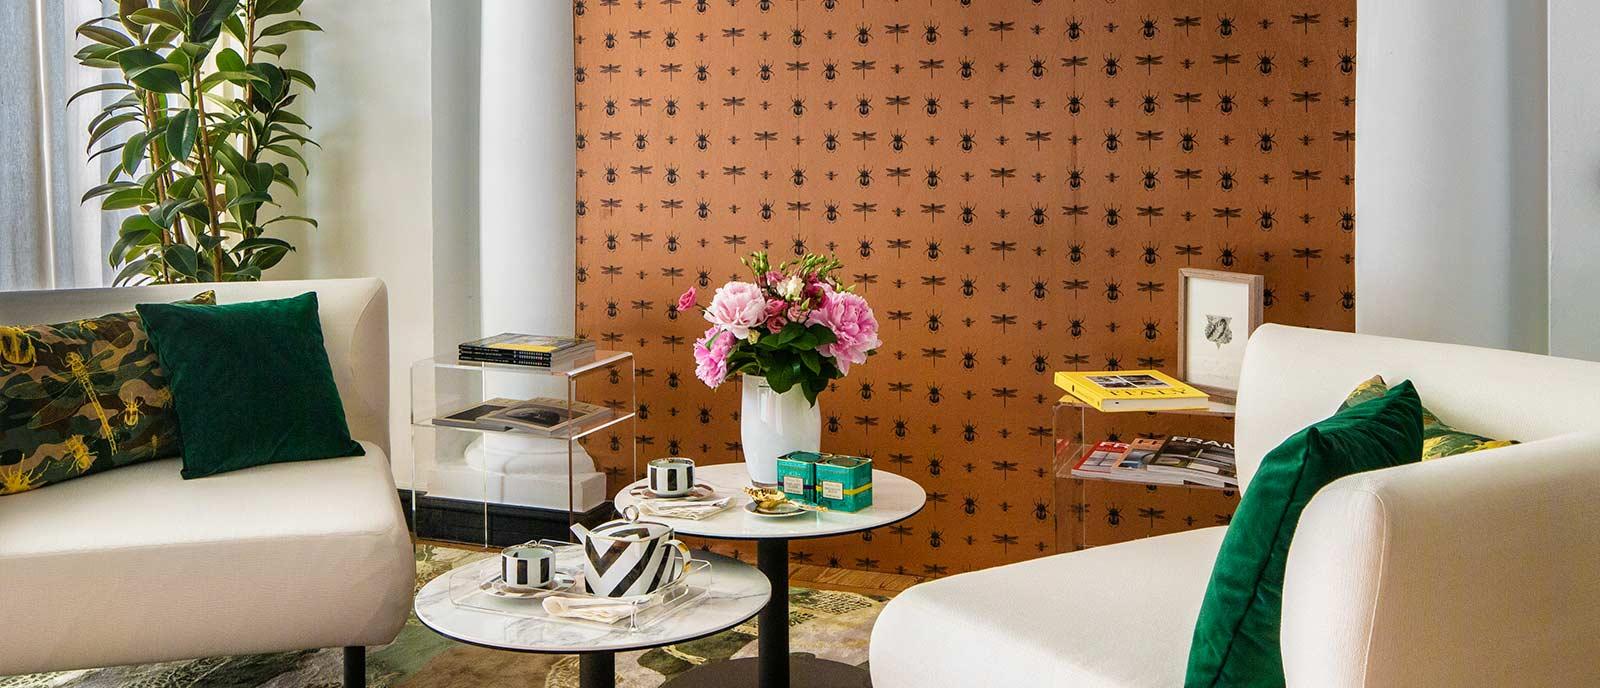 Casa Decor 2021: Espacios lujuoso con Interiores exclusivos casa decor 2021 Casa Decor 2021: Espacios lujuoso con Interiores exclusivos 22